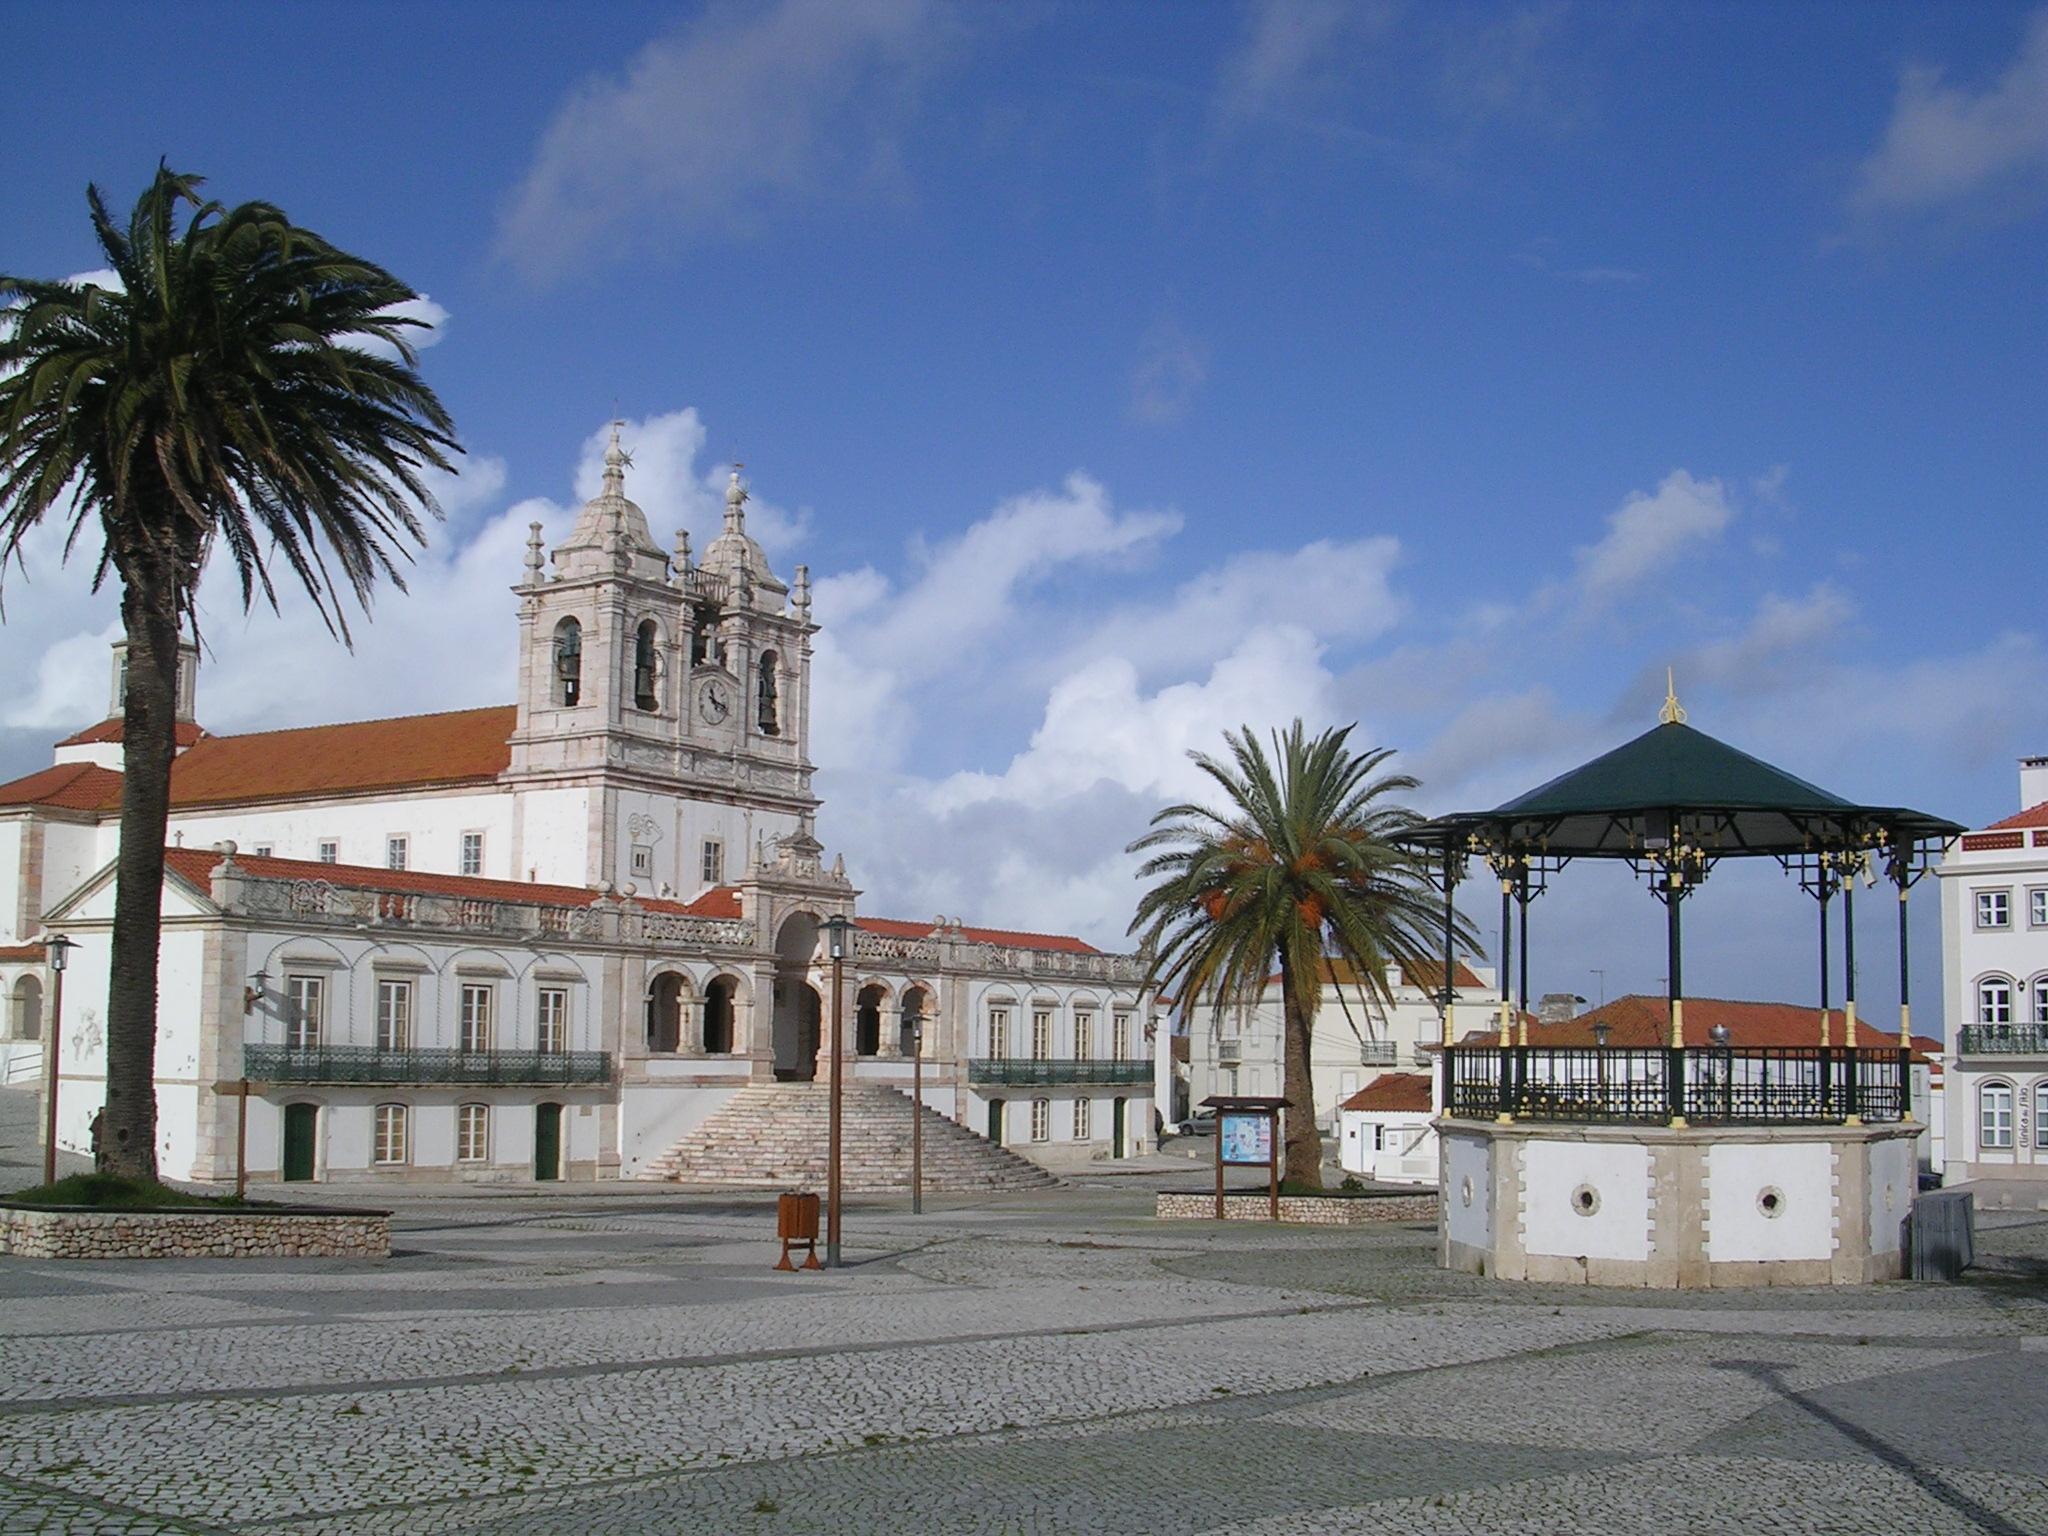 Santuário de N. Sra. de Nazaré